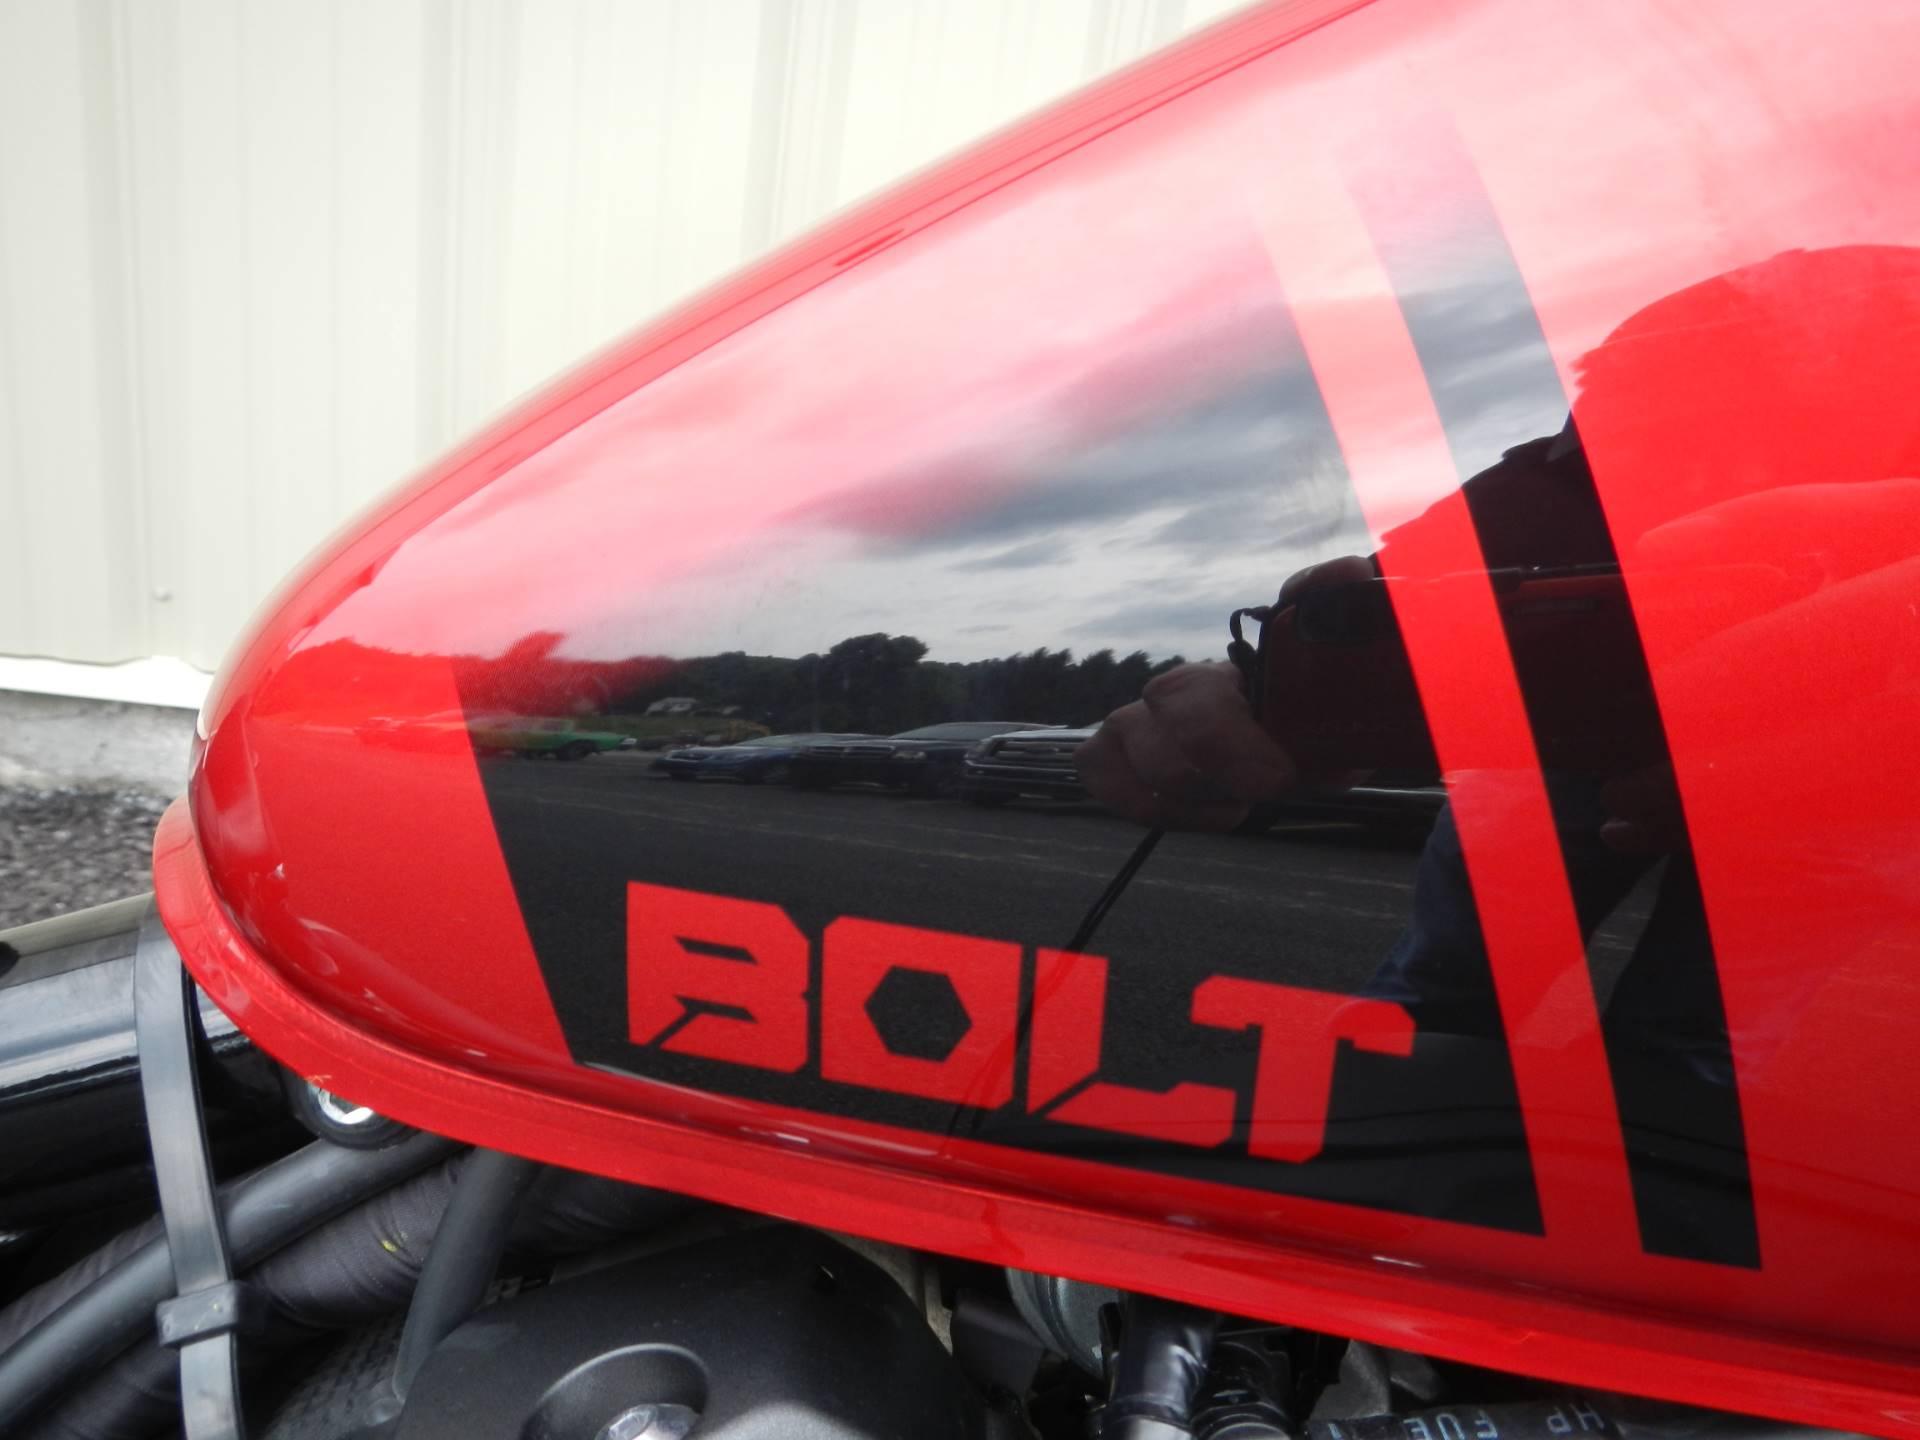 2015 Yamaha Bolt 12